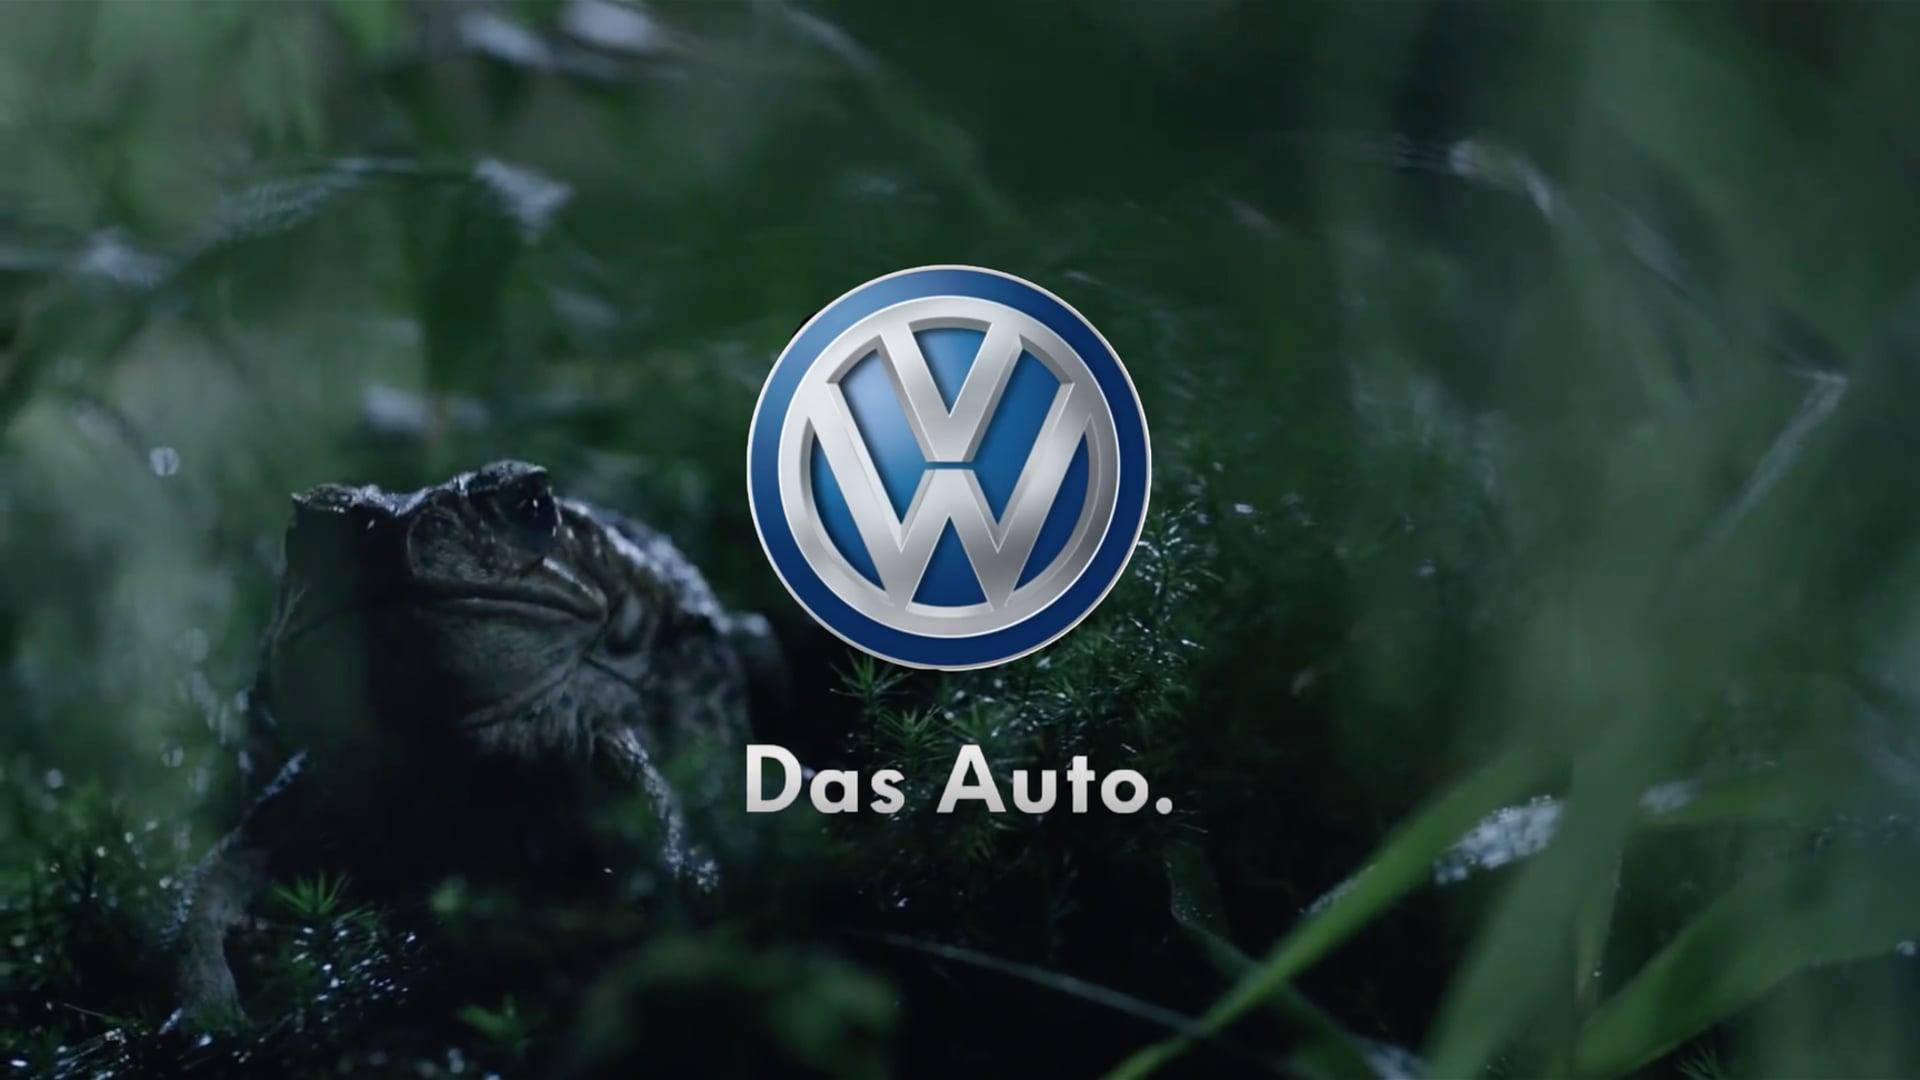 VW Golf R - Die Kröte